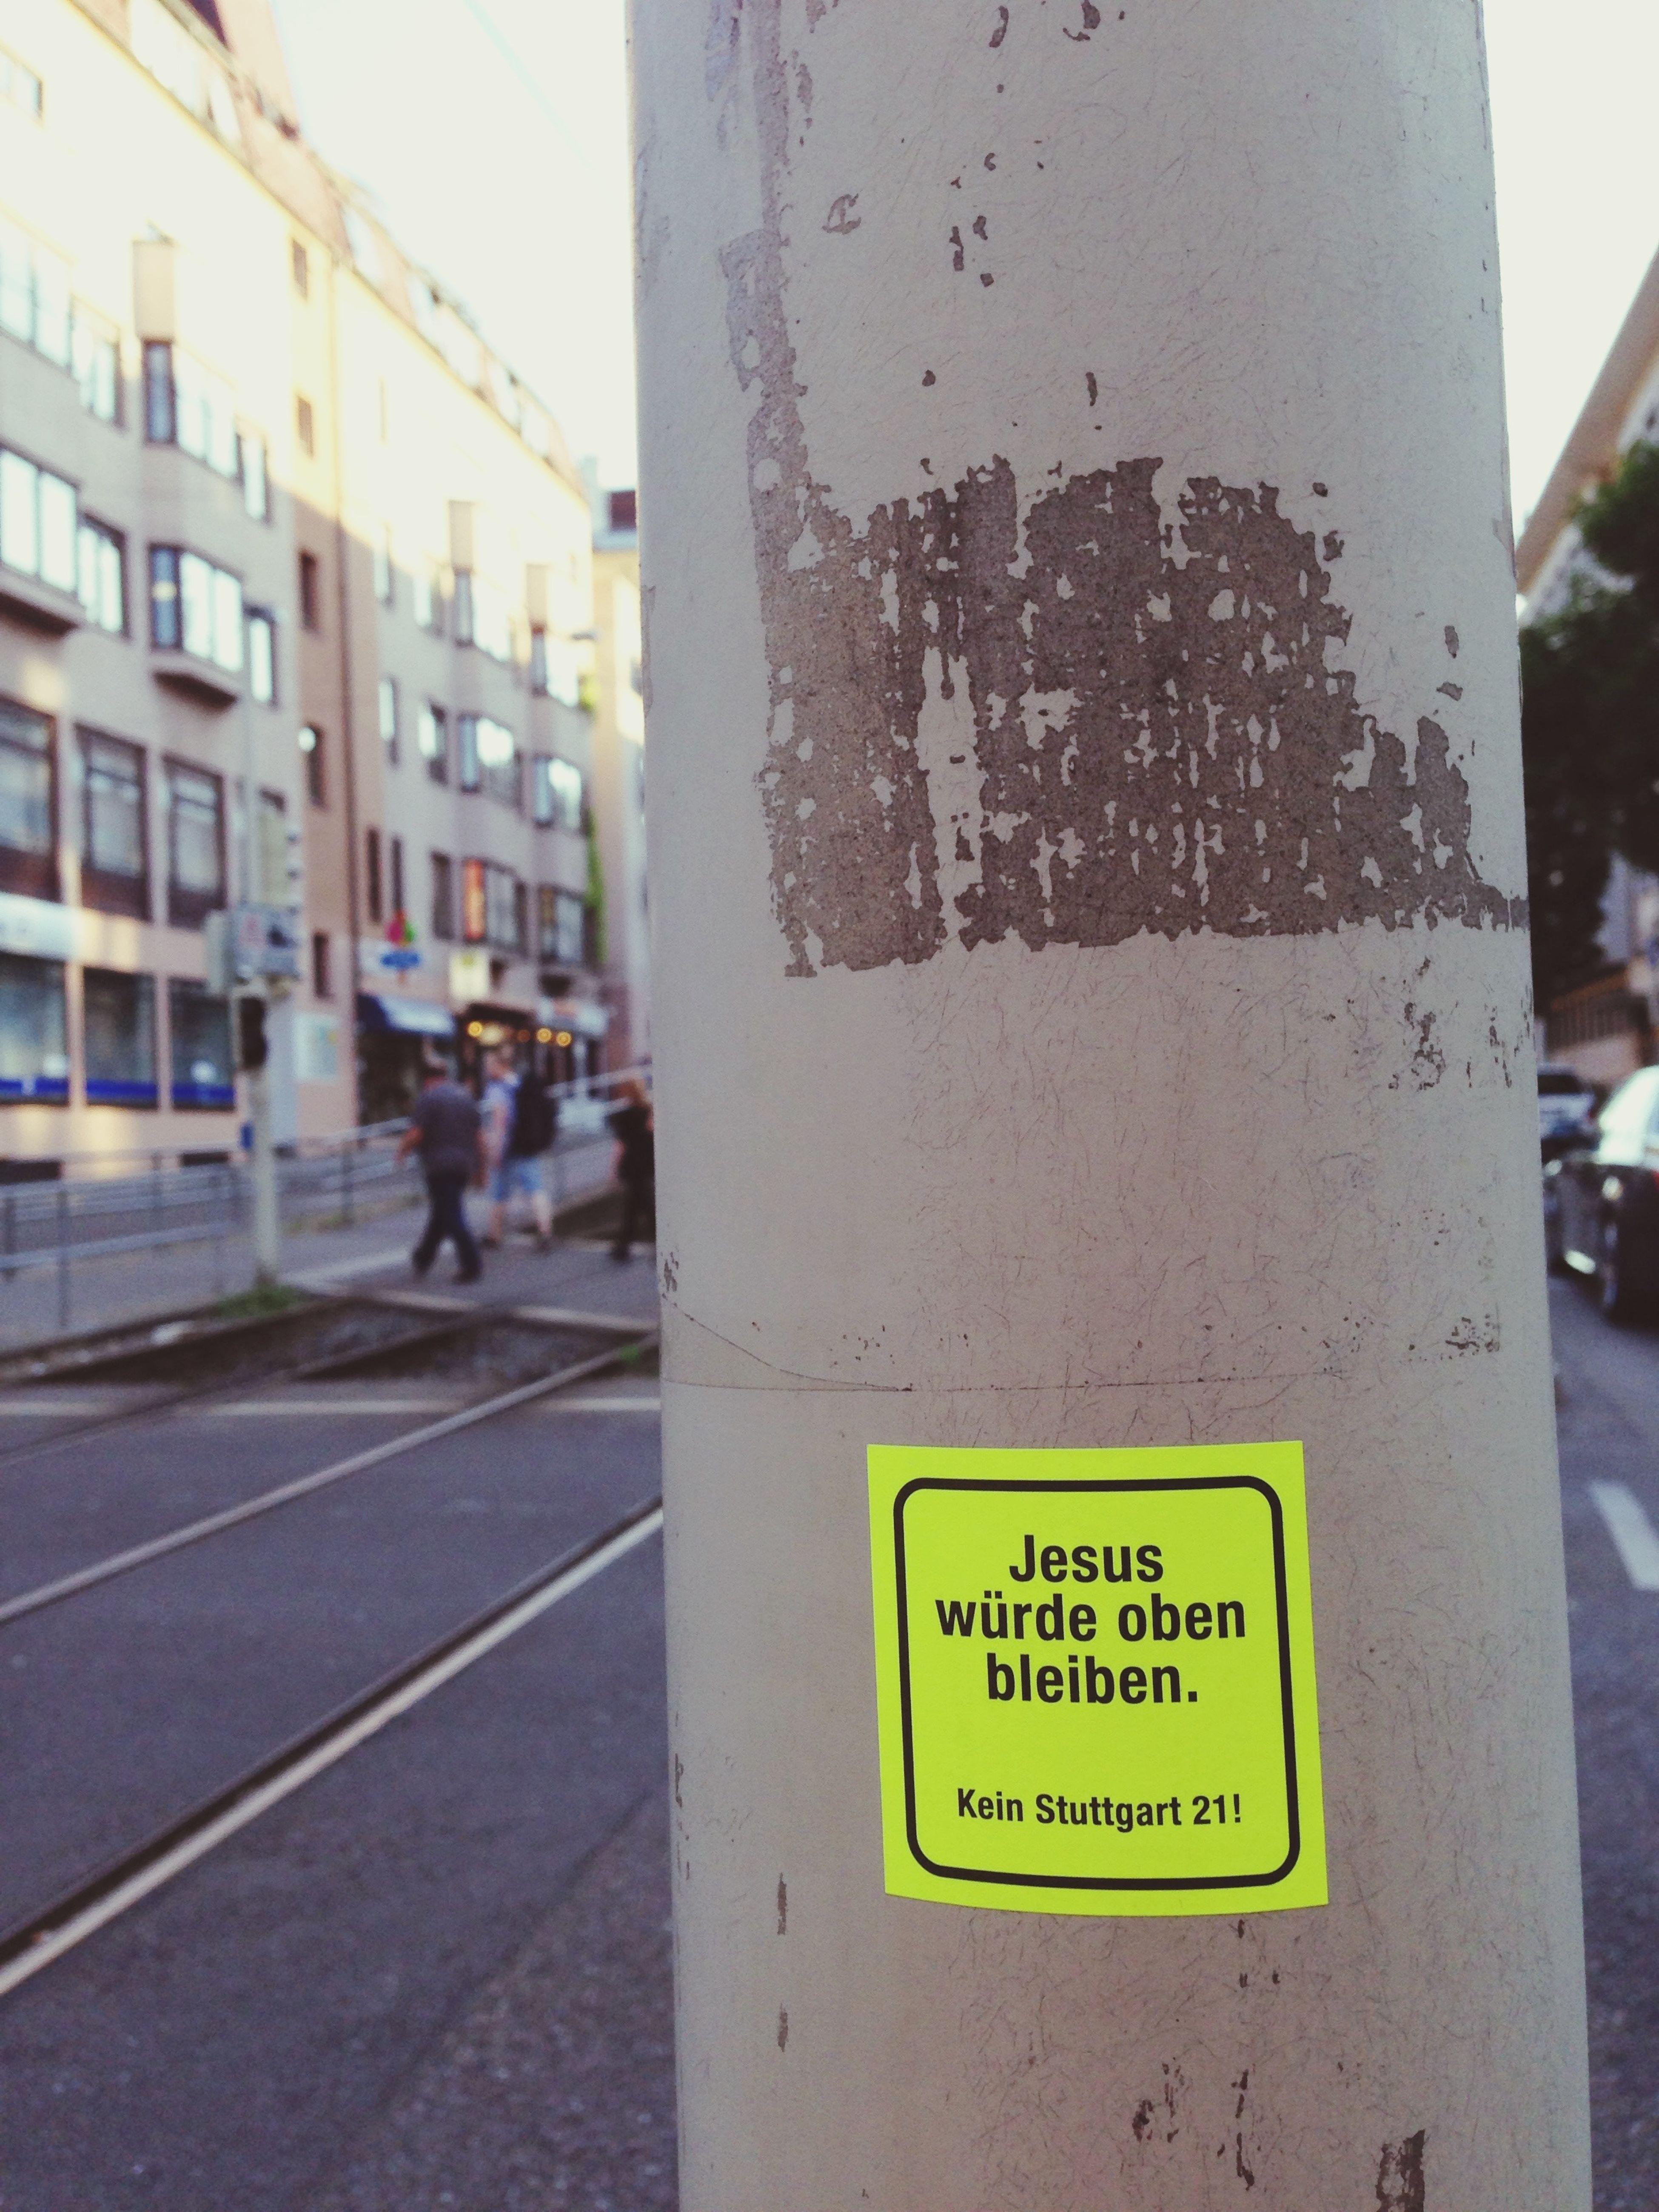 Kirchentag in Stuttgart I Ich bin erstaunt, wieviele Polizisten benötigt werden um eine Horde Christen in Schach zu halten. Kirchentag in Stuttgart II Ein Gott für alle?! Eher ein Hirn für alle - warum sammeln sich ganze Gruppen direkt dort am Bahnsteig, wo sie just die Bahn verlassen haben? Warum sammeln sich überhaupt Gruppen am Gleis, wo doch in der Mitte genug Platz ist?? Als Aussteigender hat man leider keine Chance, bis zu den freien Flächen zu gelangen. Kirchentag in Stuttgart III Christen sind doch sozial: sie sorgen dafür, dass der Verkehrsverbund Jobs vergibt, die darin bestehen, Menschen auf eine größere Entfernung hin zuzufächeln, damit diese sich von der Bahnsteigkante entfernen, wo leider die einzige Möglichkeit besteht, sich überhaupt fortzubewegen. Sehr schön beim Umsteigen. Kirchentag in Stuttgart IV Christen sind konsequent. Warum sonst hat mich gerade einer vor die Bahn schubsen wollen? Daraufhin fächelte mir übrigens einer vom Verkehrsverbund zu. Schön! Have A Nice Day♥ Kirchentag Stuttgart Mir Fehlen Die Worte Meine Stadt The Places I've Been Today Tadaa Community Stuttgart21 Kein Stuttgart21 Whatever